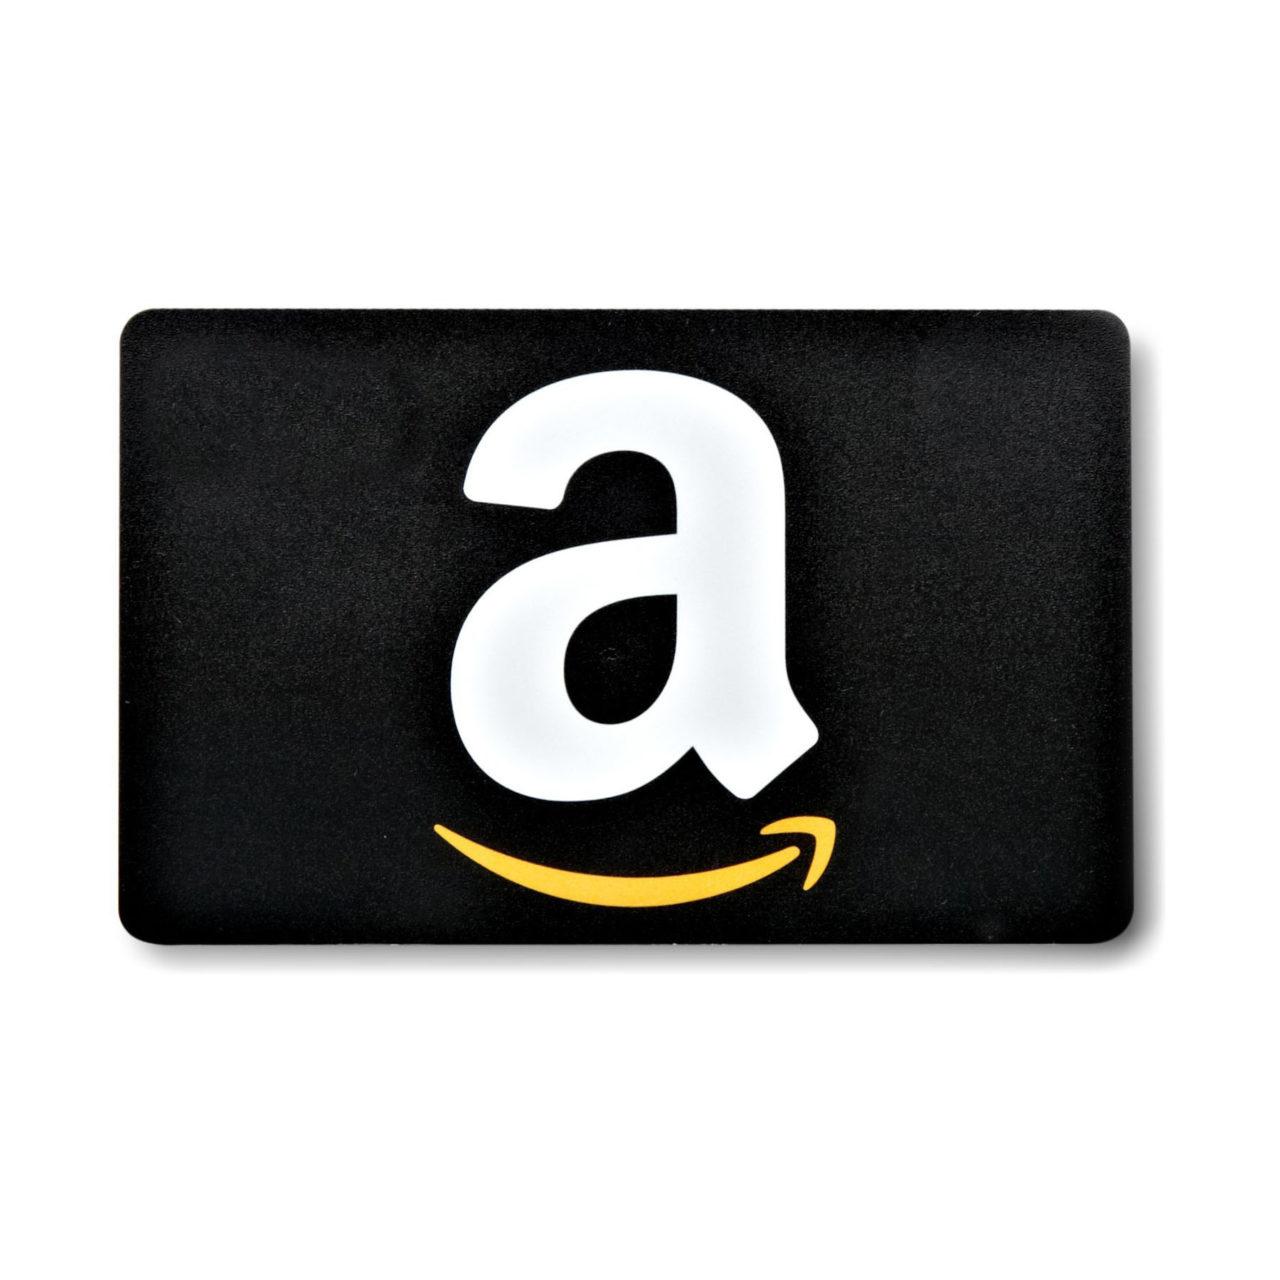 Amazon Gutscheine Wert